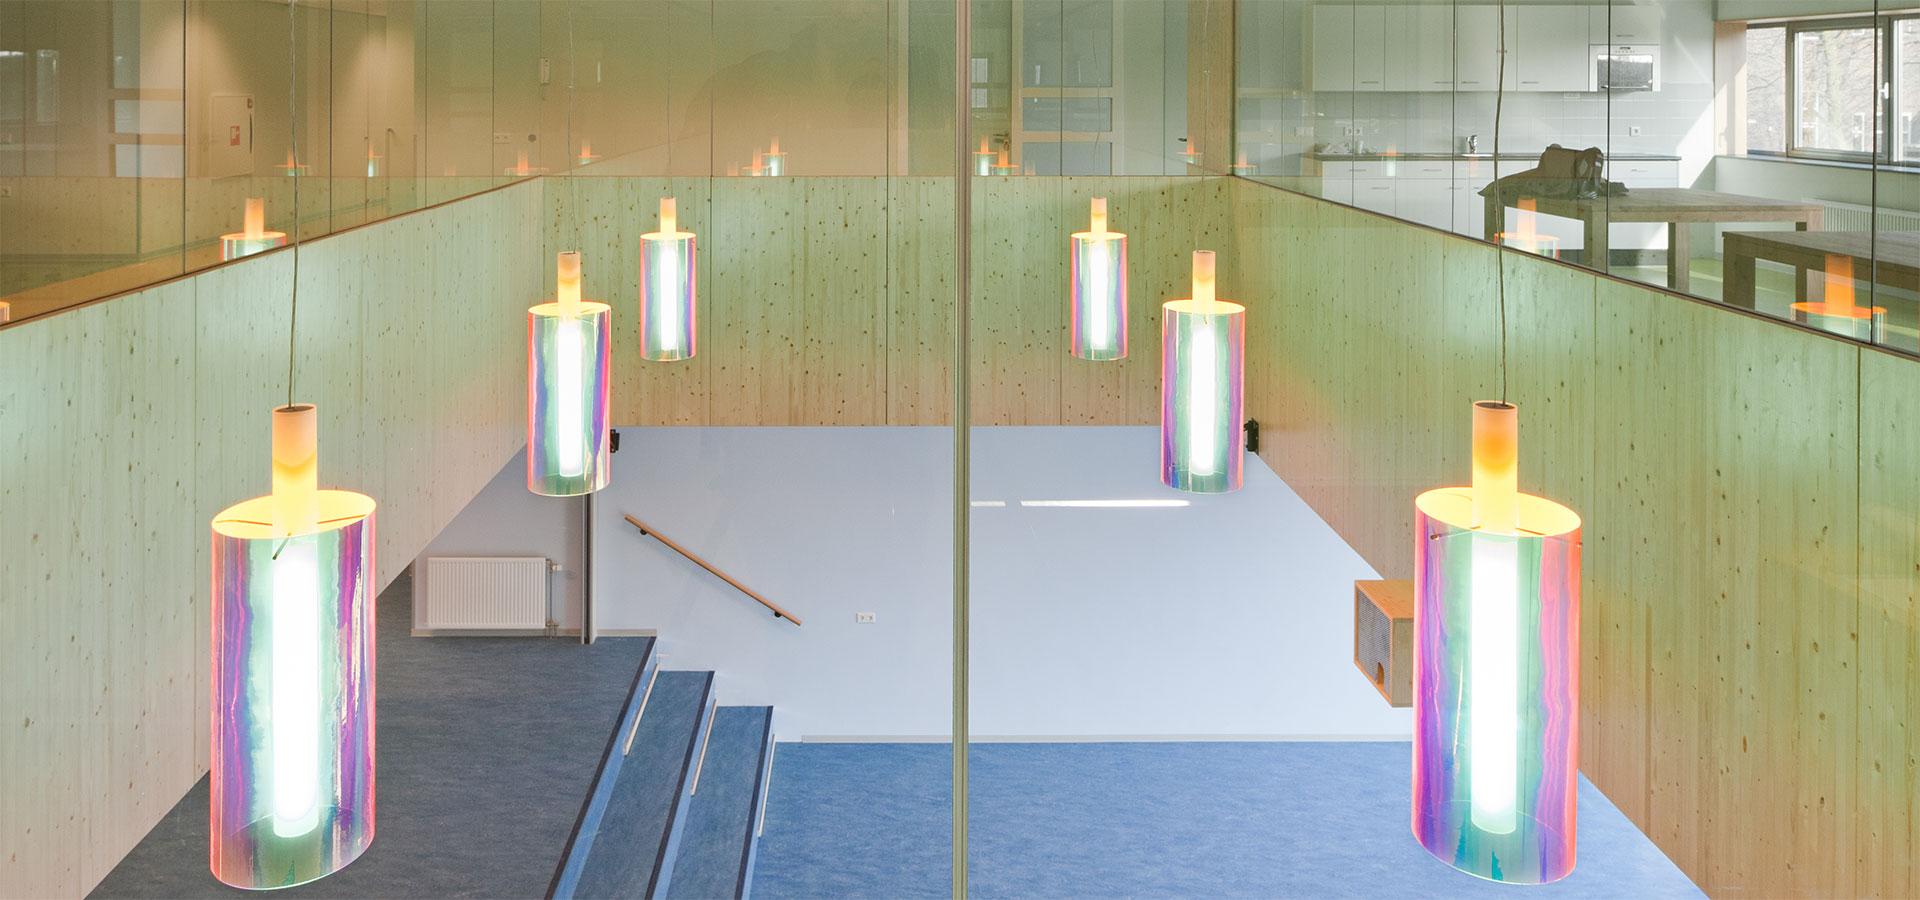 FARO-architecten-Bonifaciusschool-Alphen-aan-den-Rijn-14